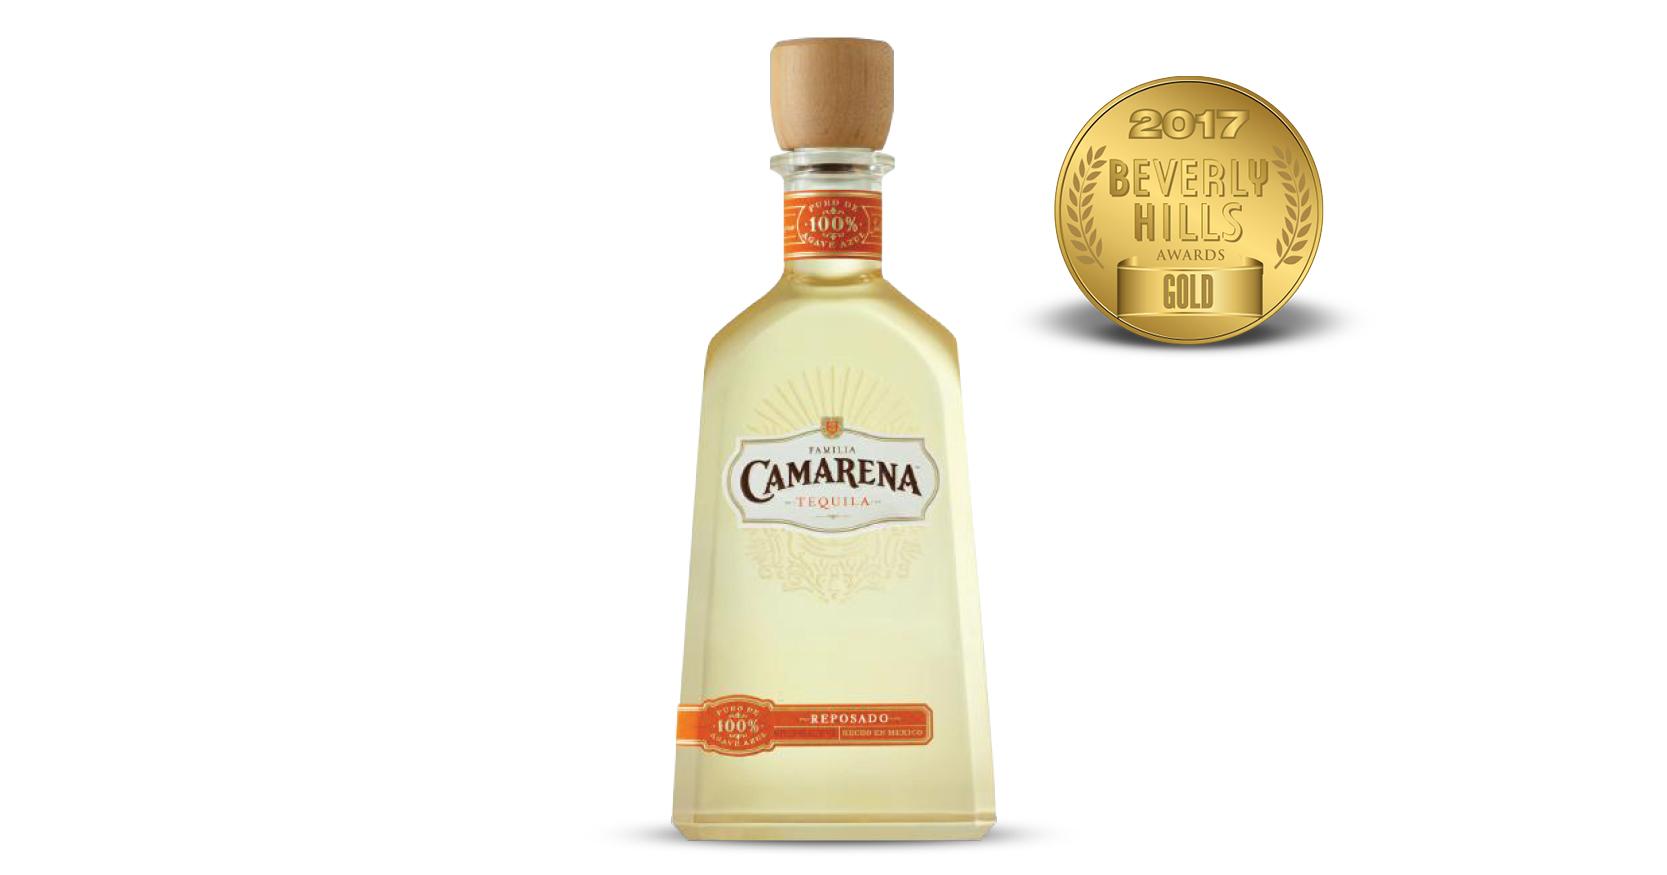 Famila Camarena Reposado Tequila